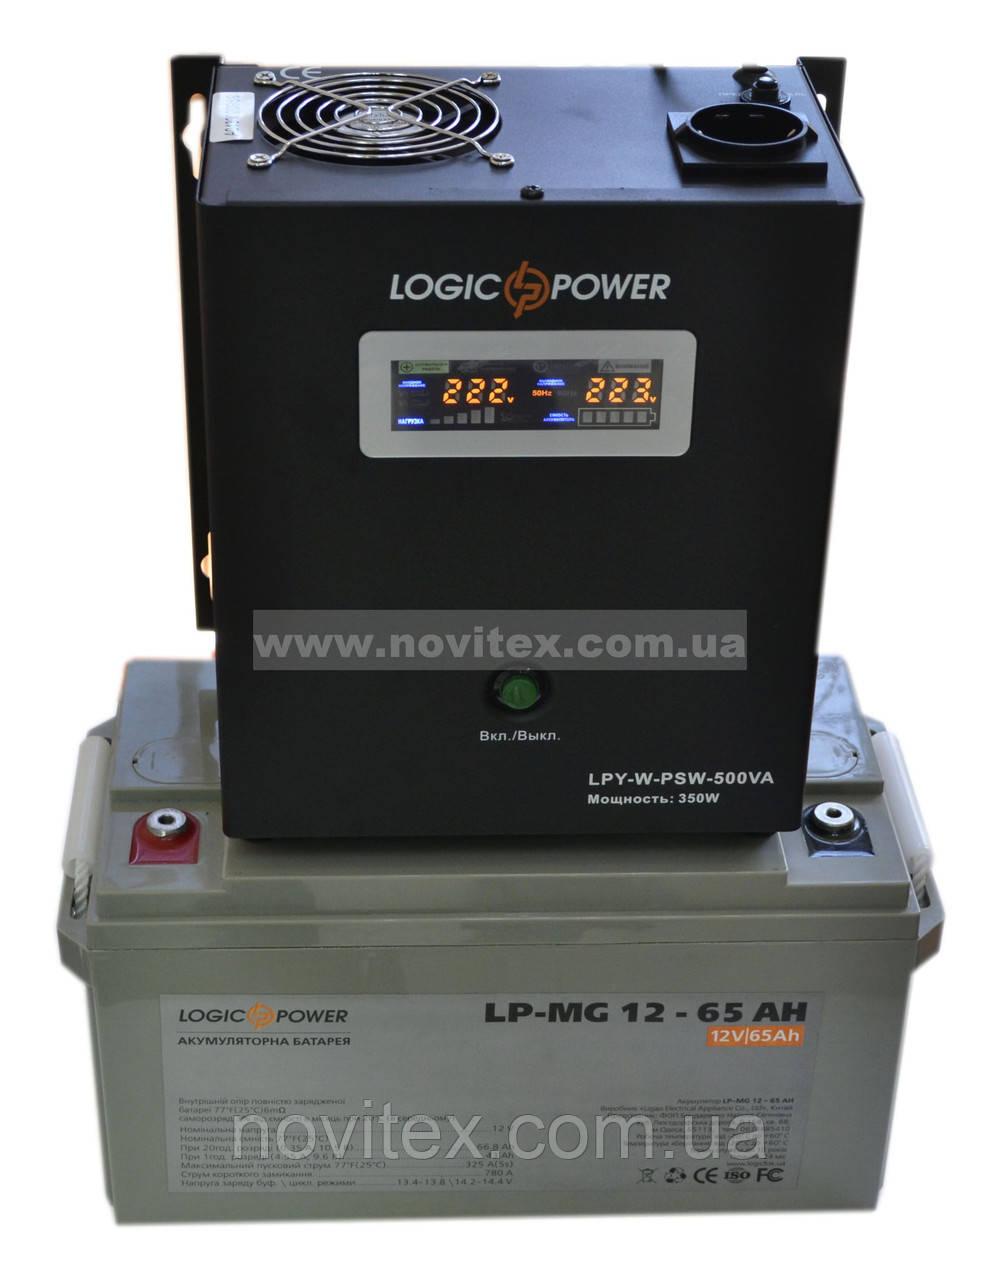 Комплект резервного питания ИБП Logicpower LPY-W-PSW-500 + АКБ LP-MG65